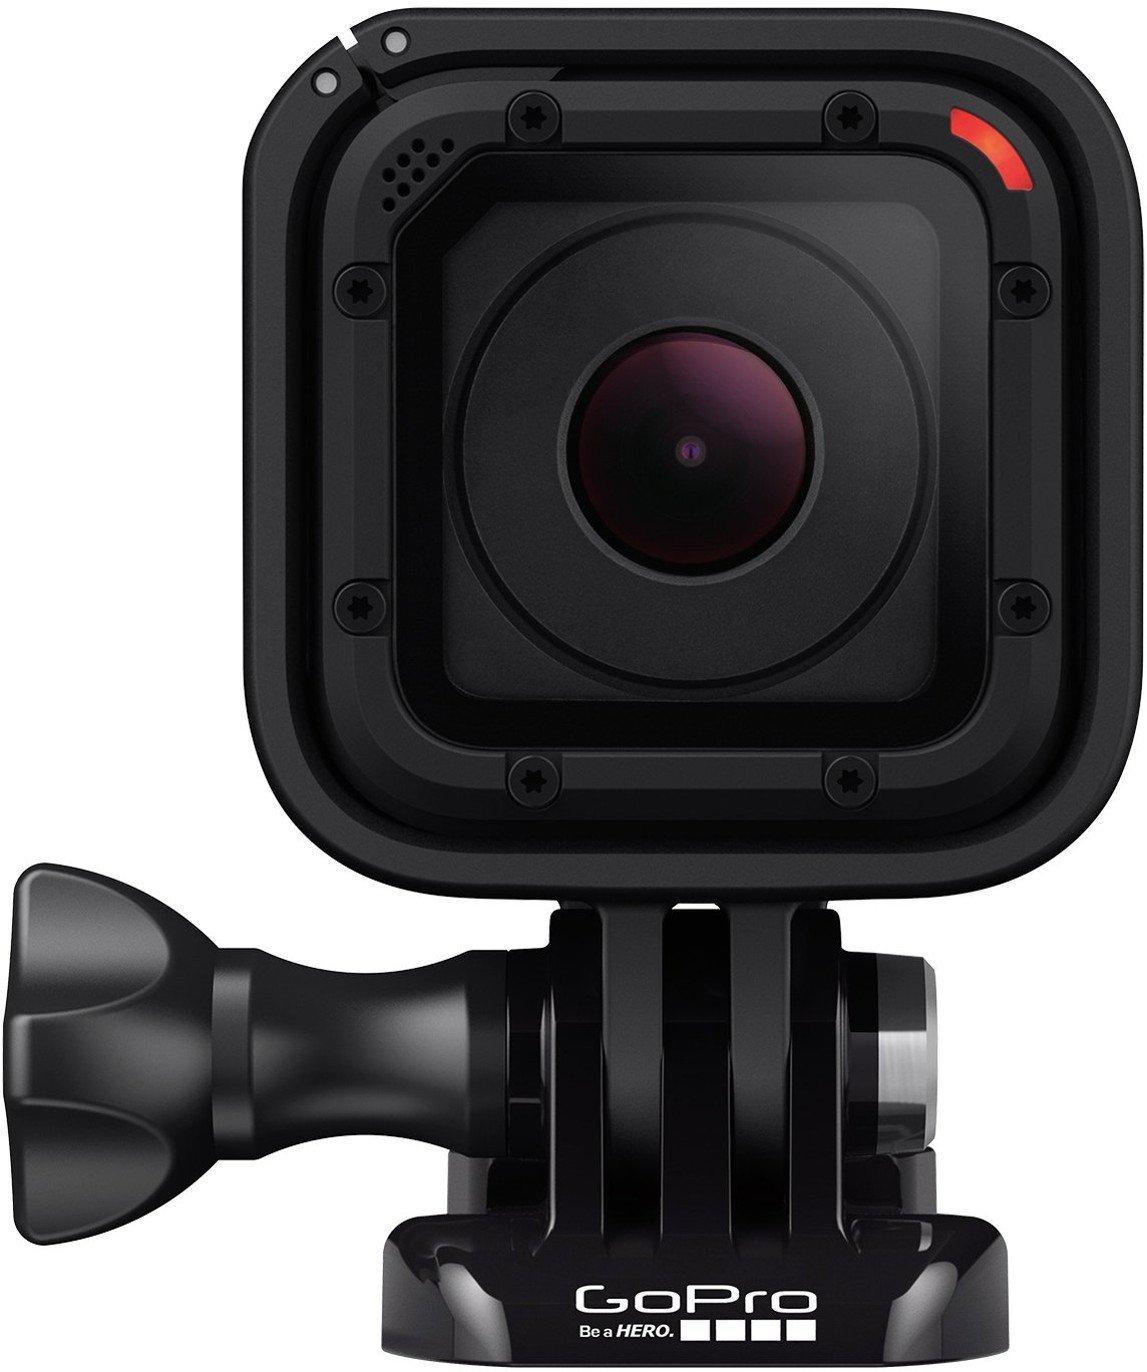 [Amazon.co.uk] GoPro Hero 4 Session